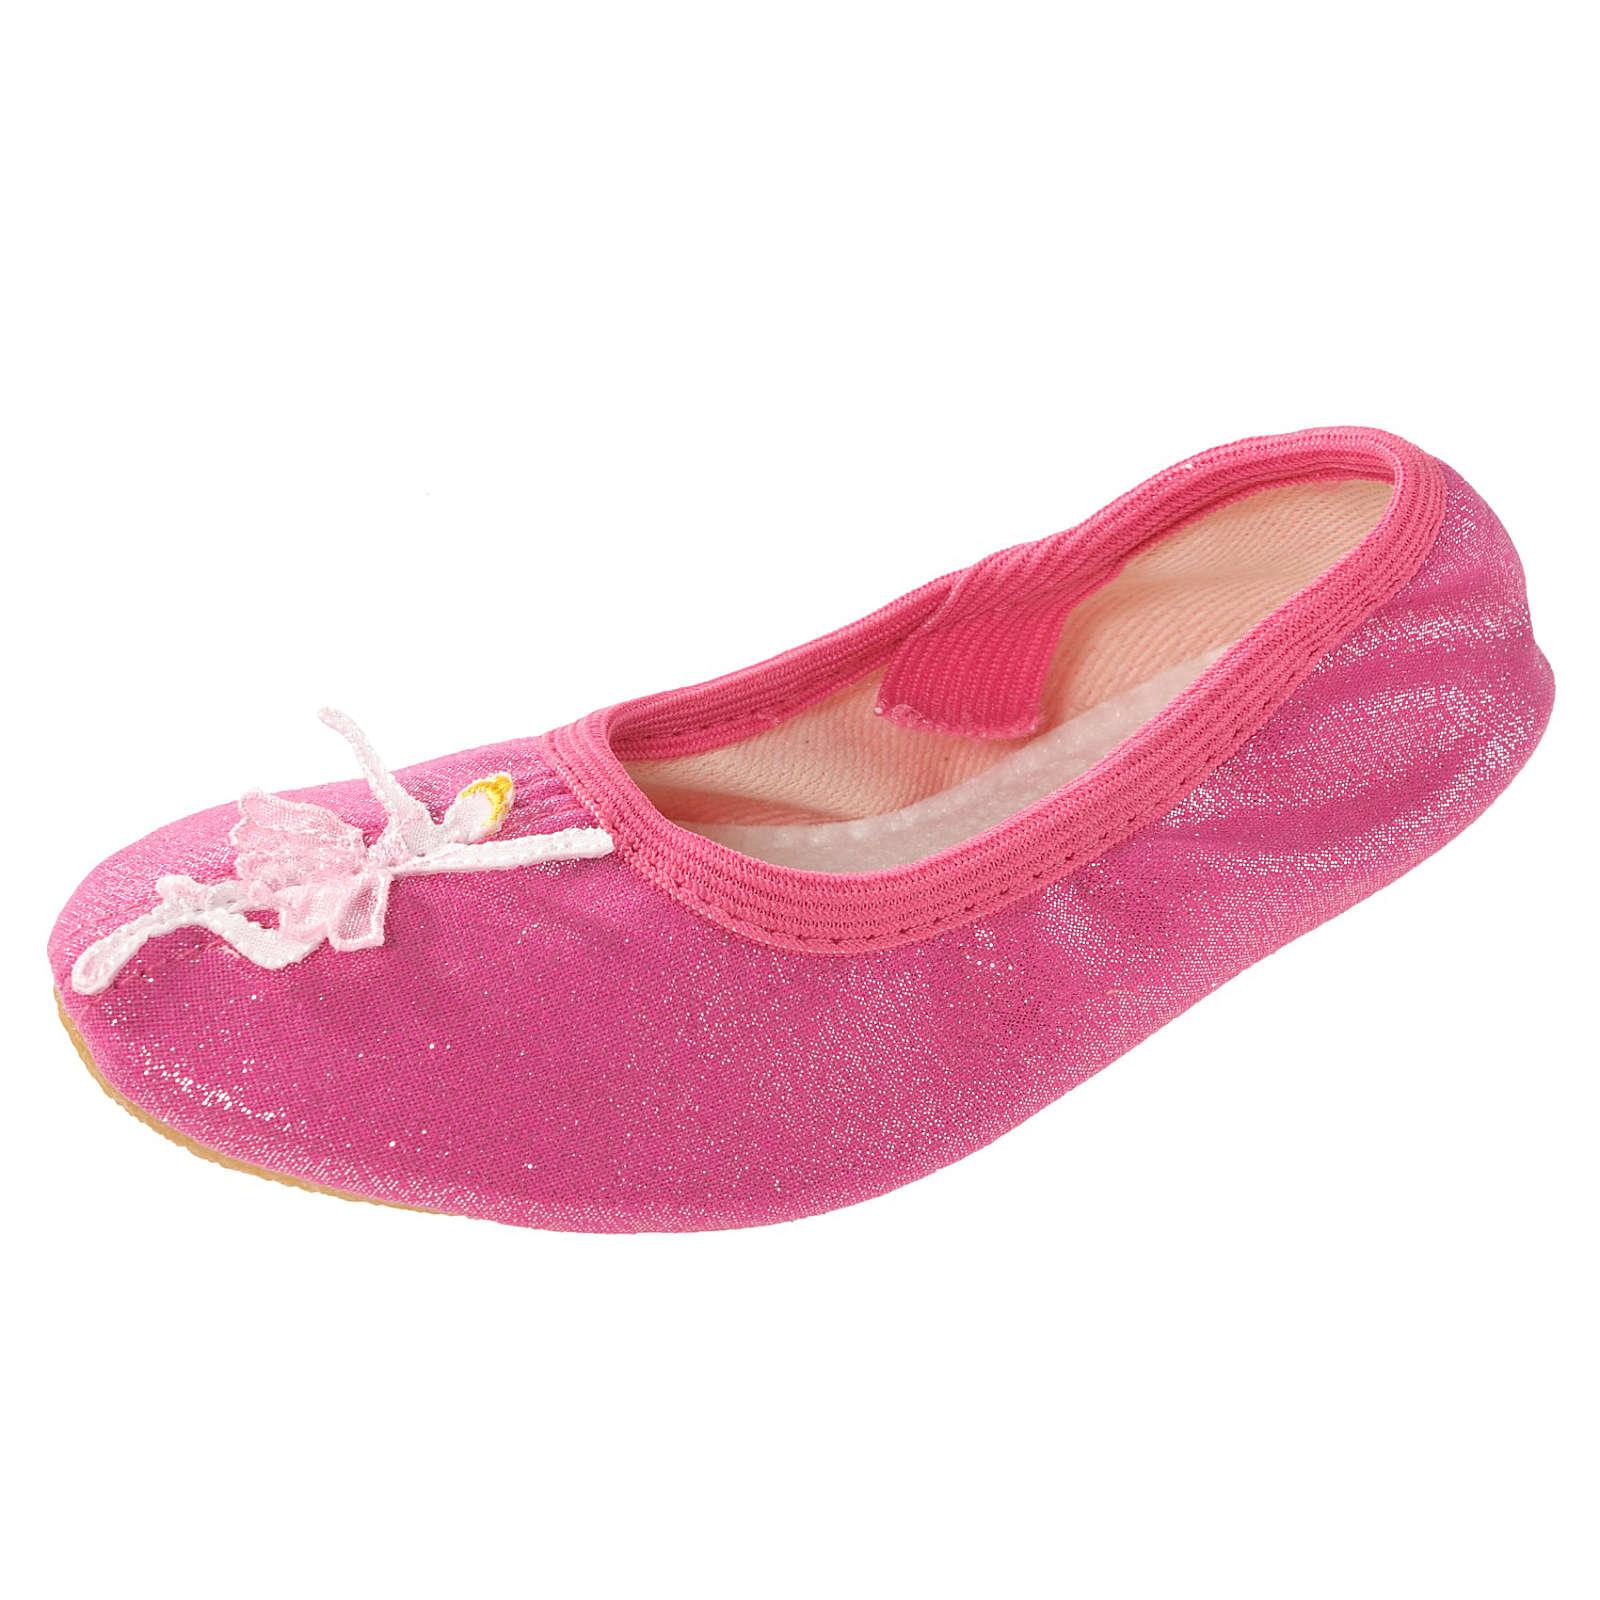 Beck Kinder Gymnastikschuhe Ballerina für Mädchen pink Mädchen Gr. 27